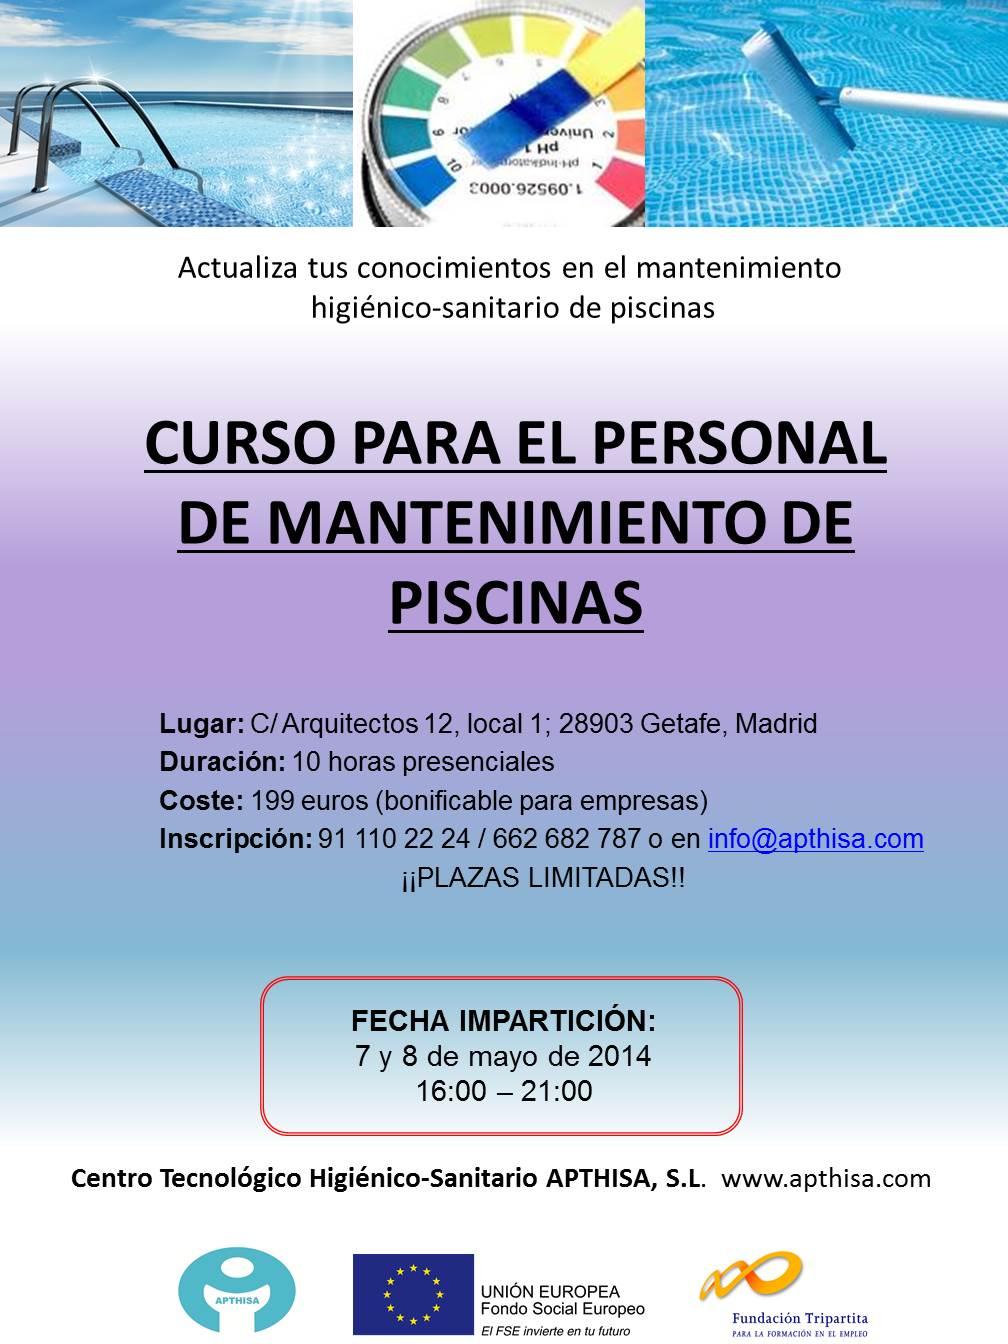 Instalaciones archivos apthisa for Curso mantenimiento piscinas